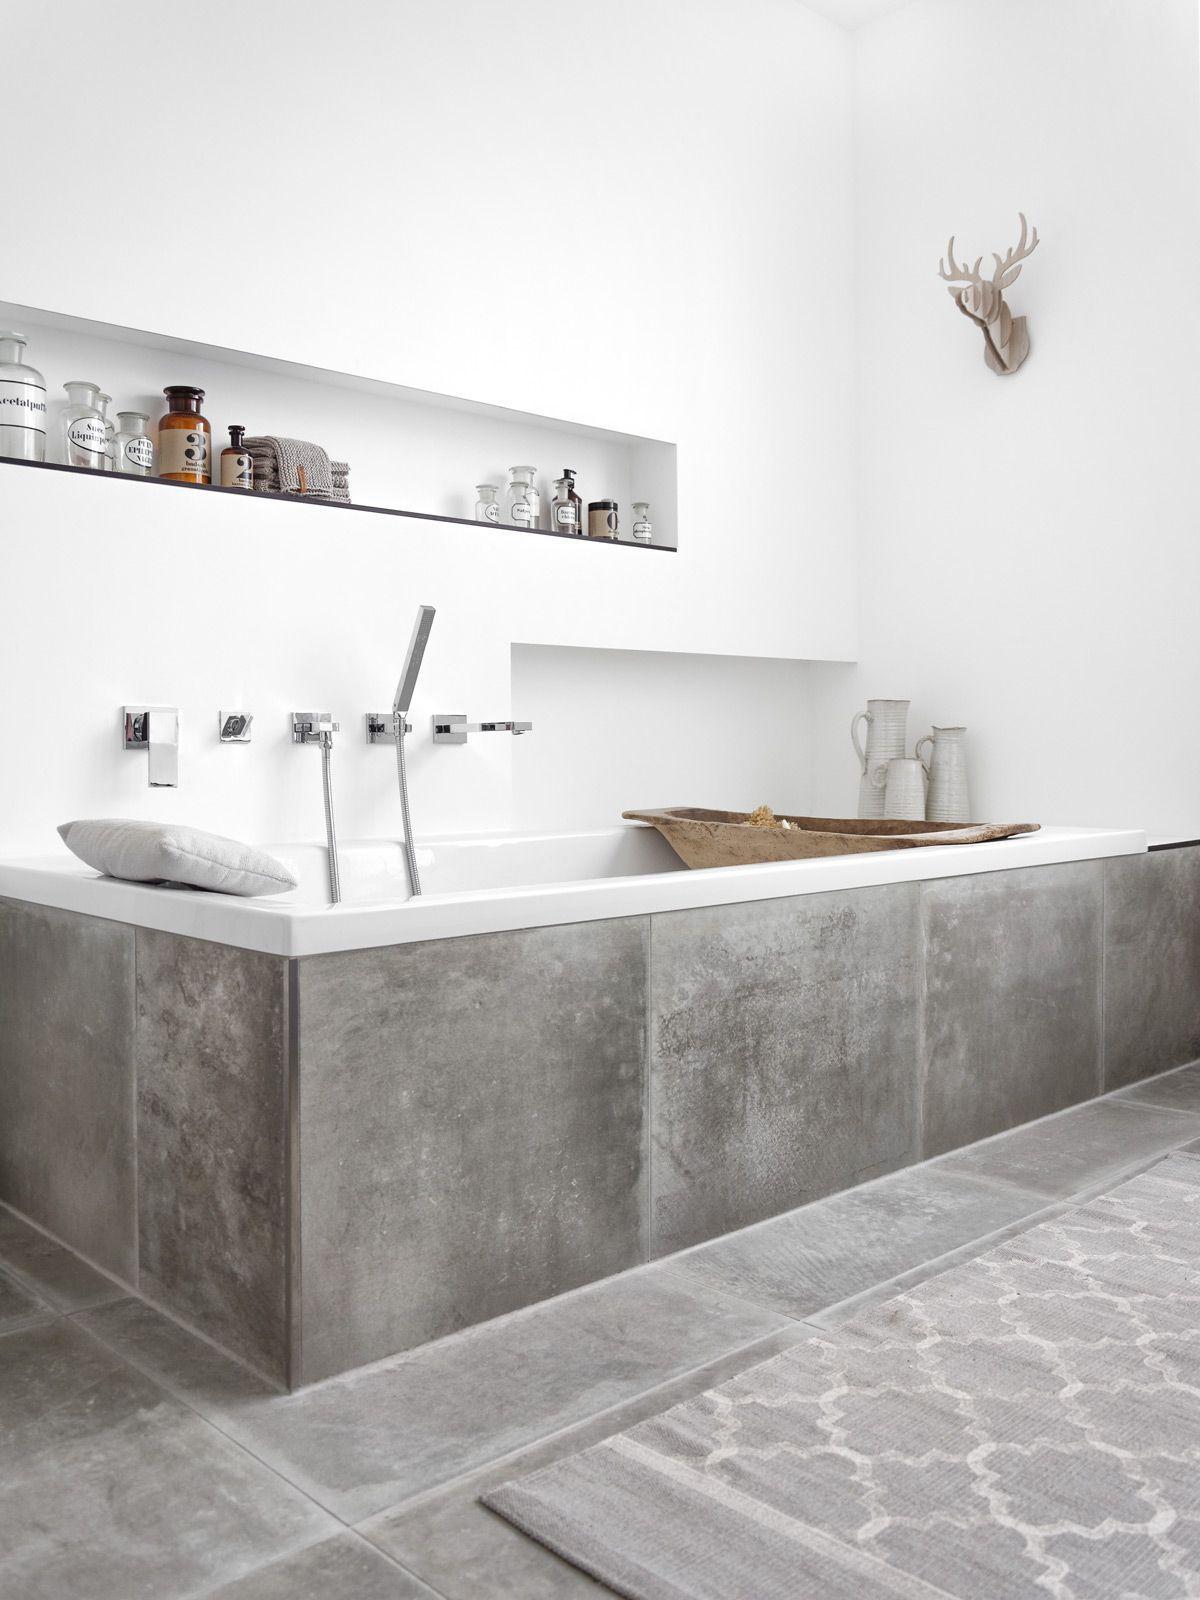 Badezimmer fliesen design von kajaria mit schönen accessoires wird das badezimmer gleich noch wohnlicher